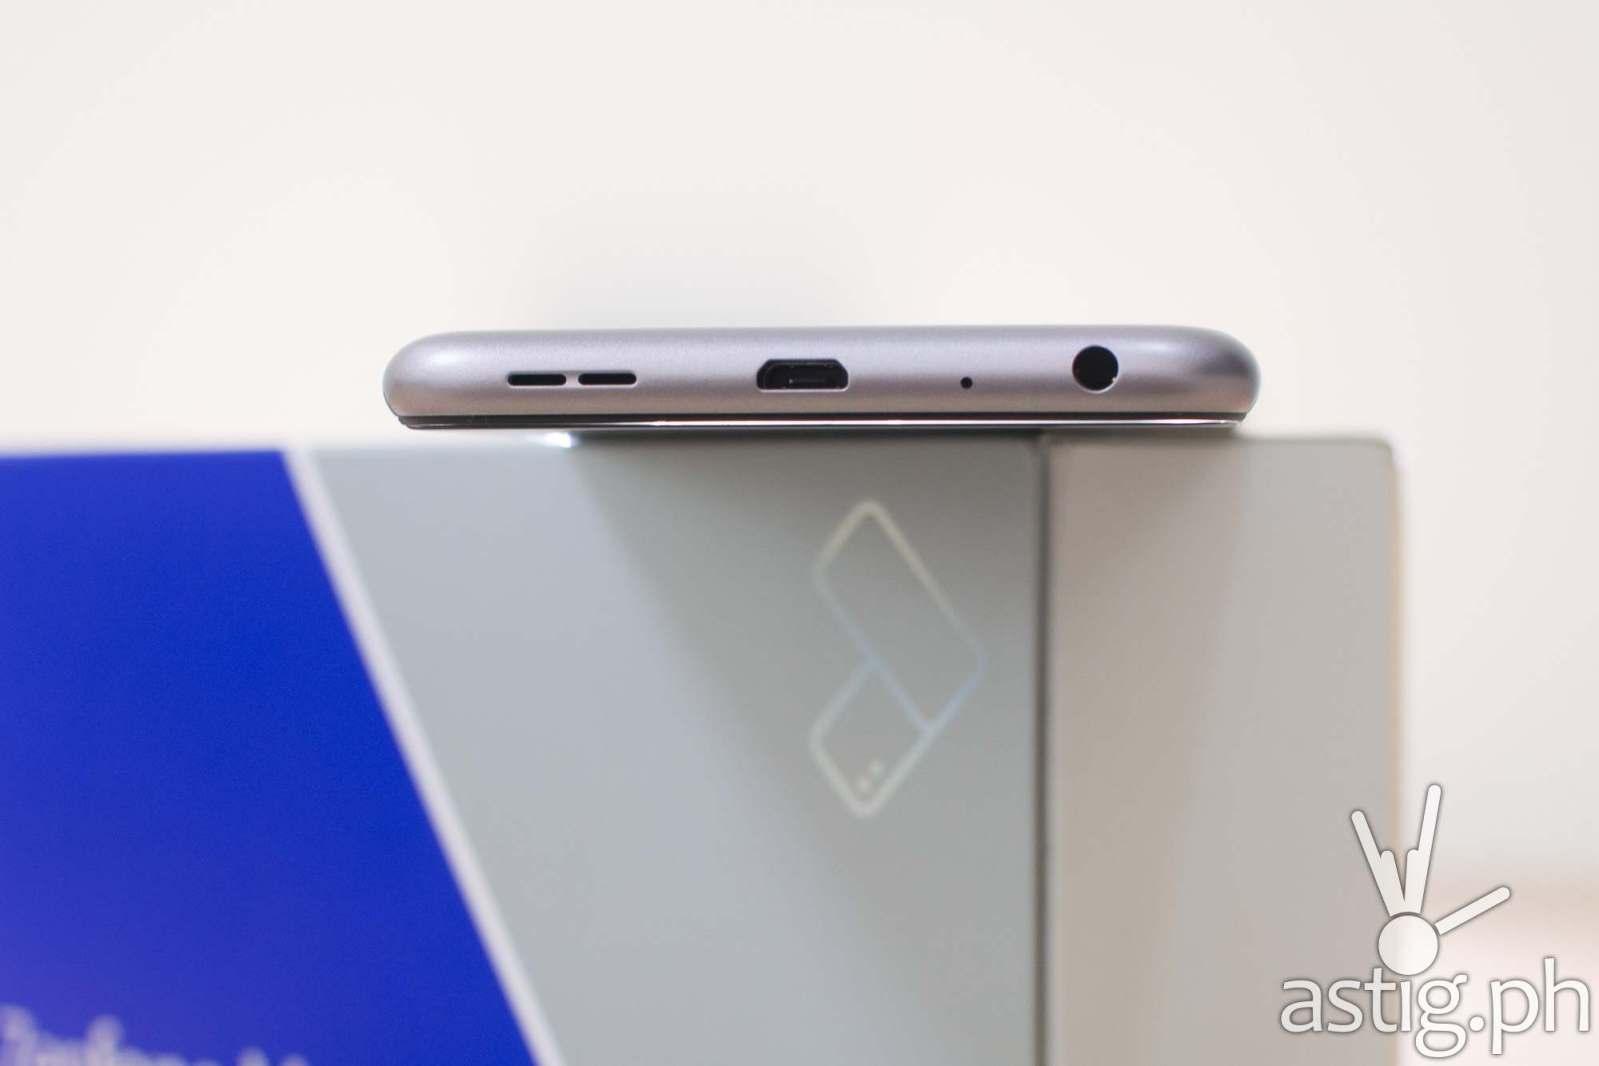 Zenfone Max Pro M1 bottom